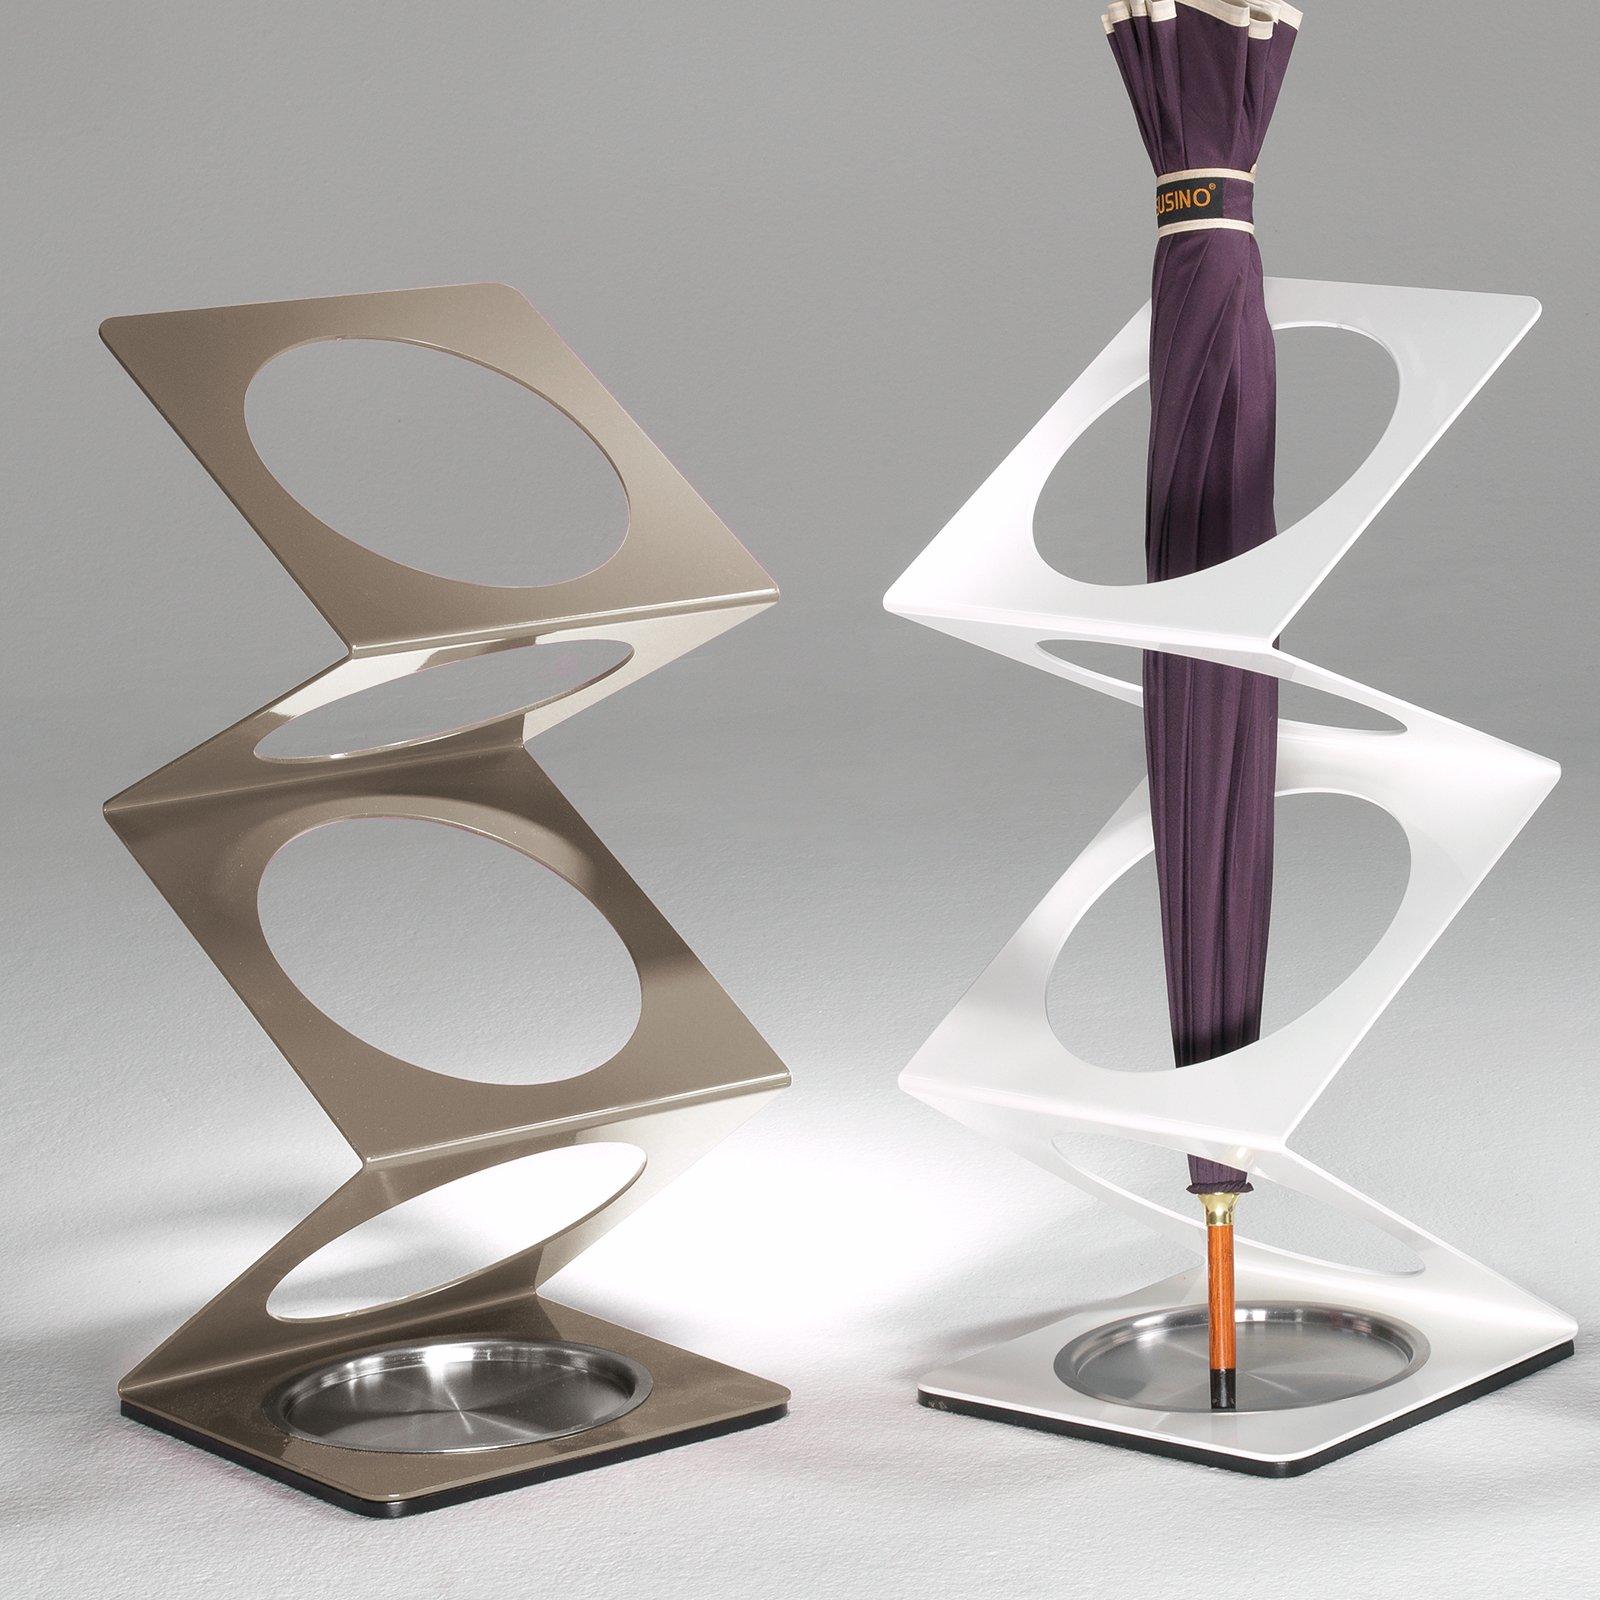 Portaombrelli attenzione a misure e materiali cose di casa - Portaombrelli design originale ...